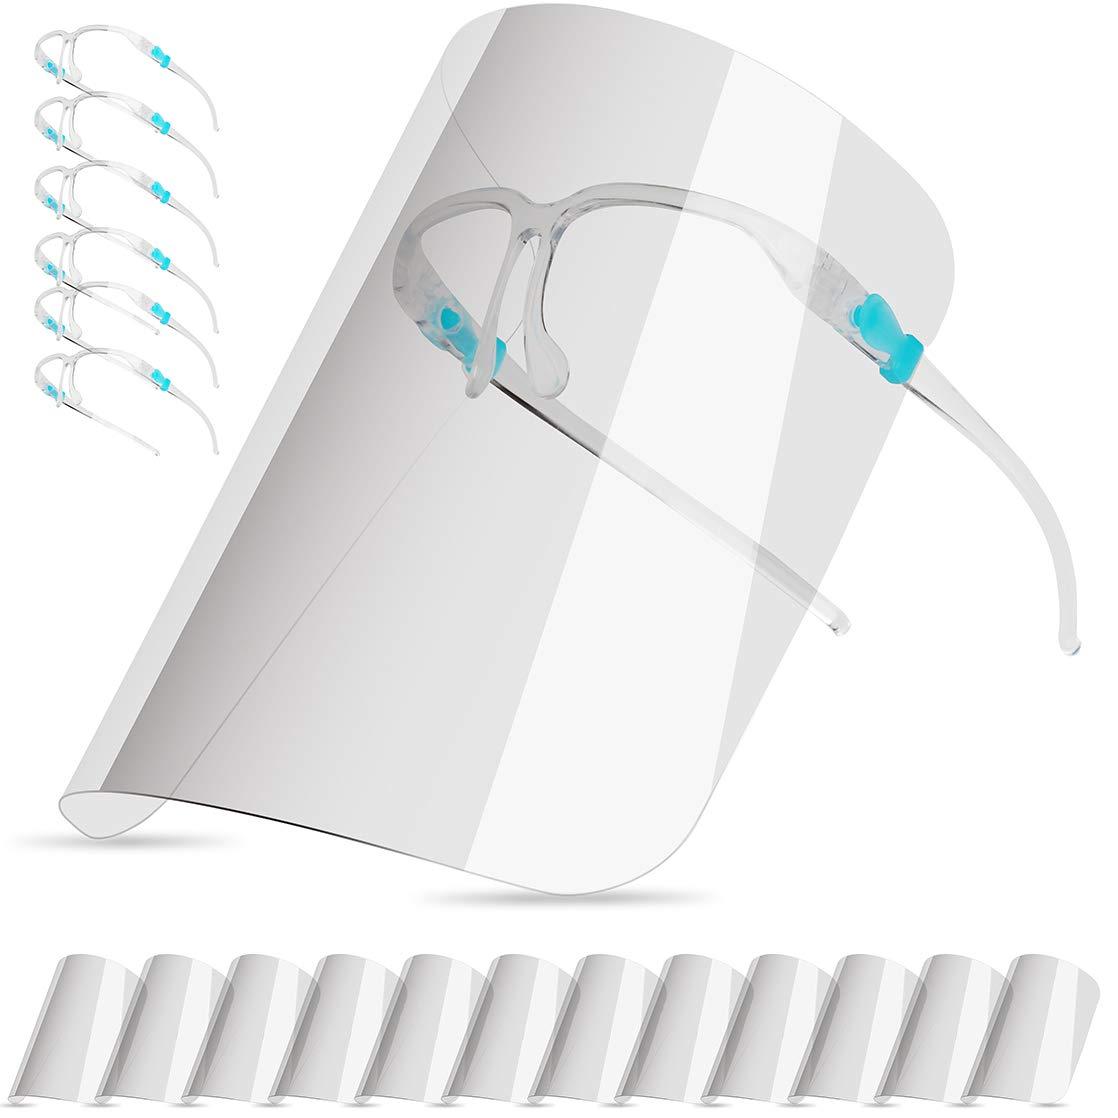 Pantalla Protección Facial para Adultos y Estudiantes, Face_Shield Visera de Protección(con 12 Viseras Antivaho Reemplazables y Lavables y 6 Gafas Reutilizables)